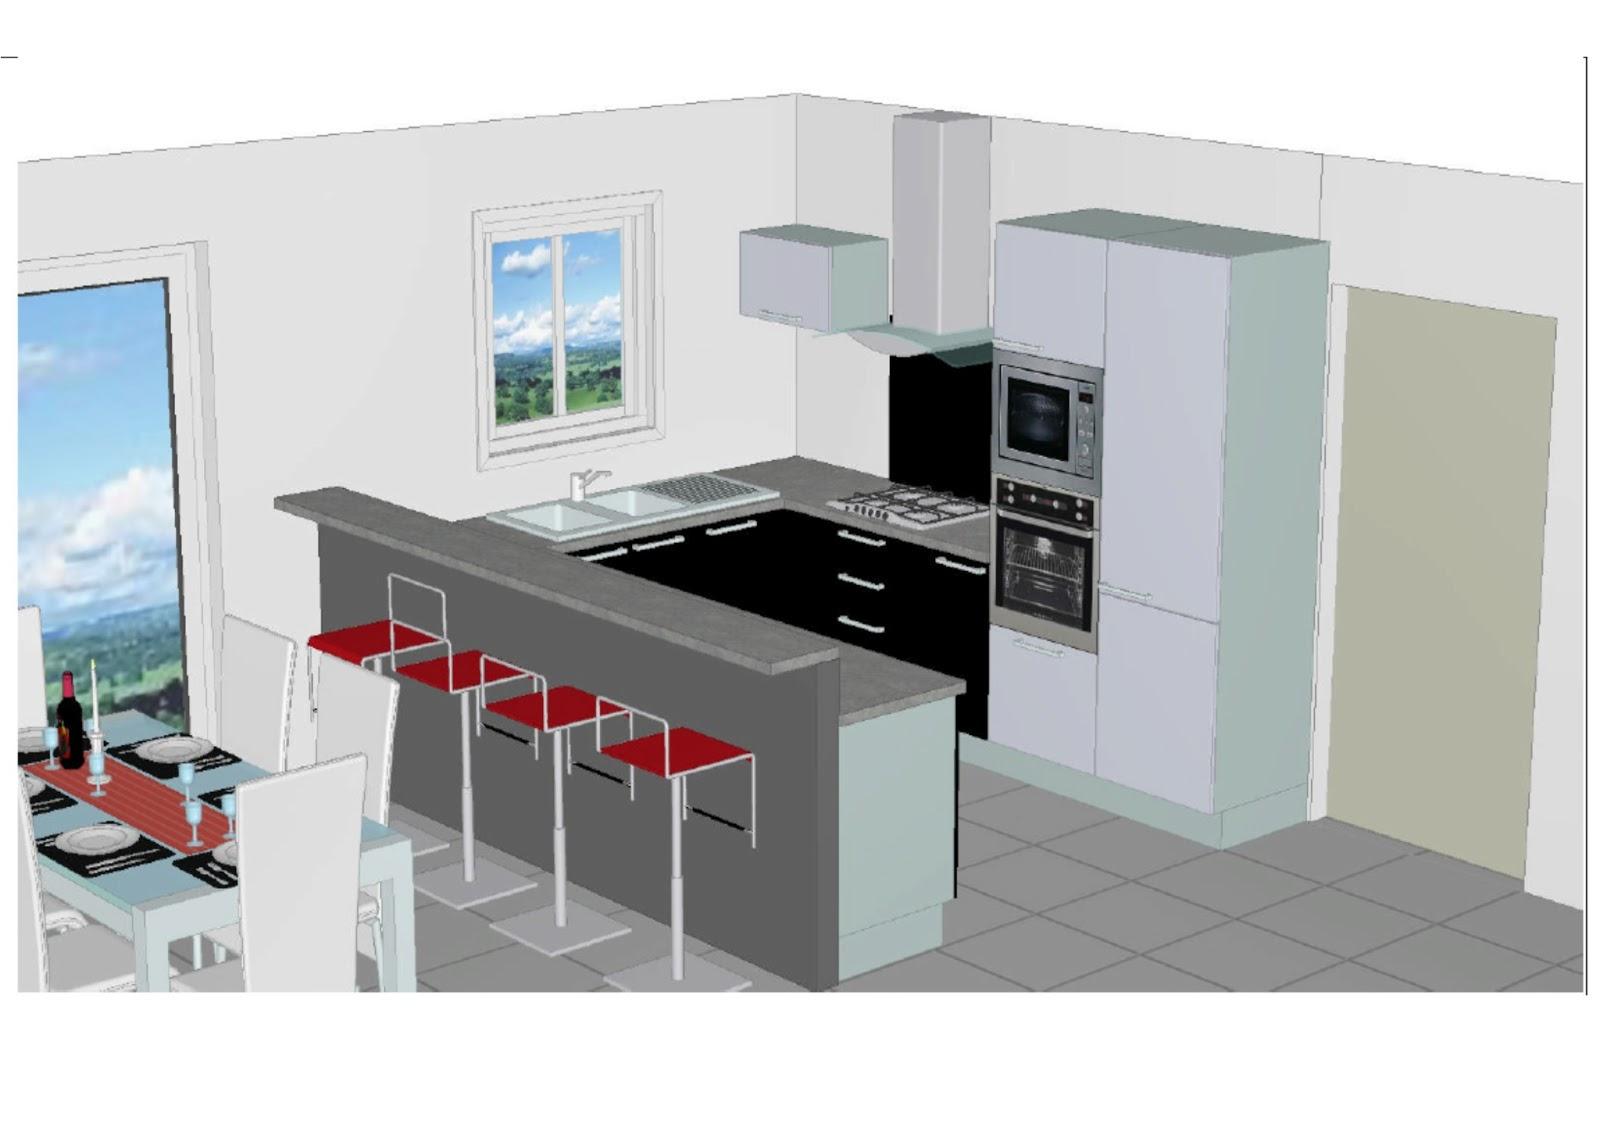 maison sponsoris e 41 label rt 2012 oucques 41290 projet cuisine am nag e. Black Bedroom Furniture Sets. Home Design Ideas